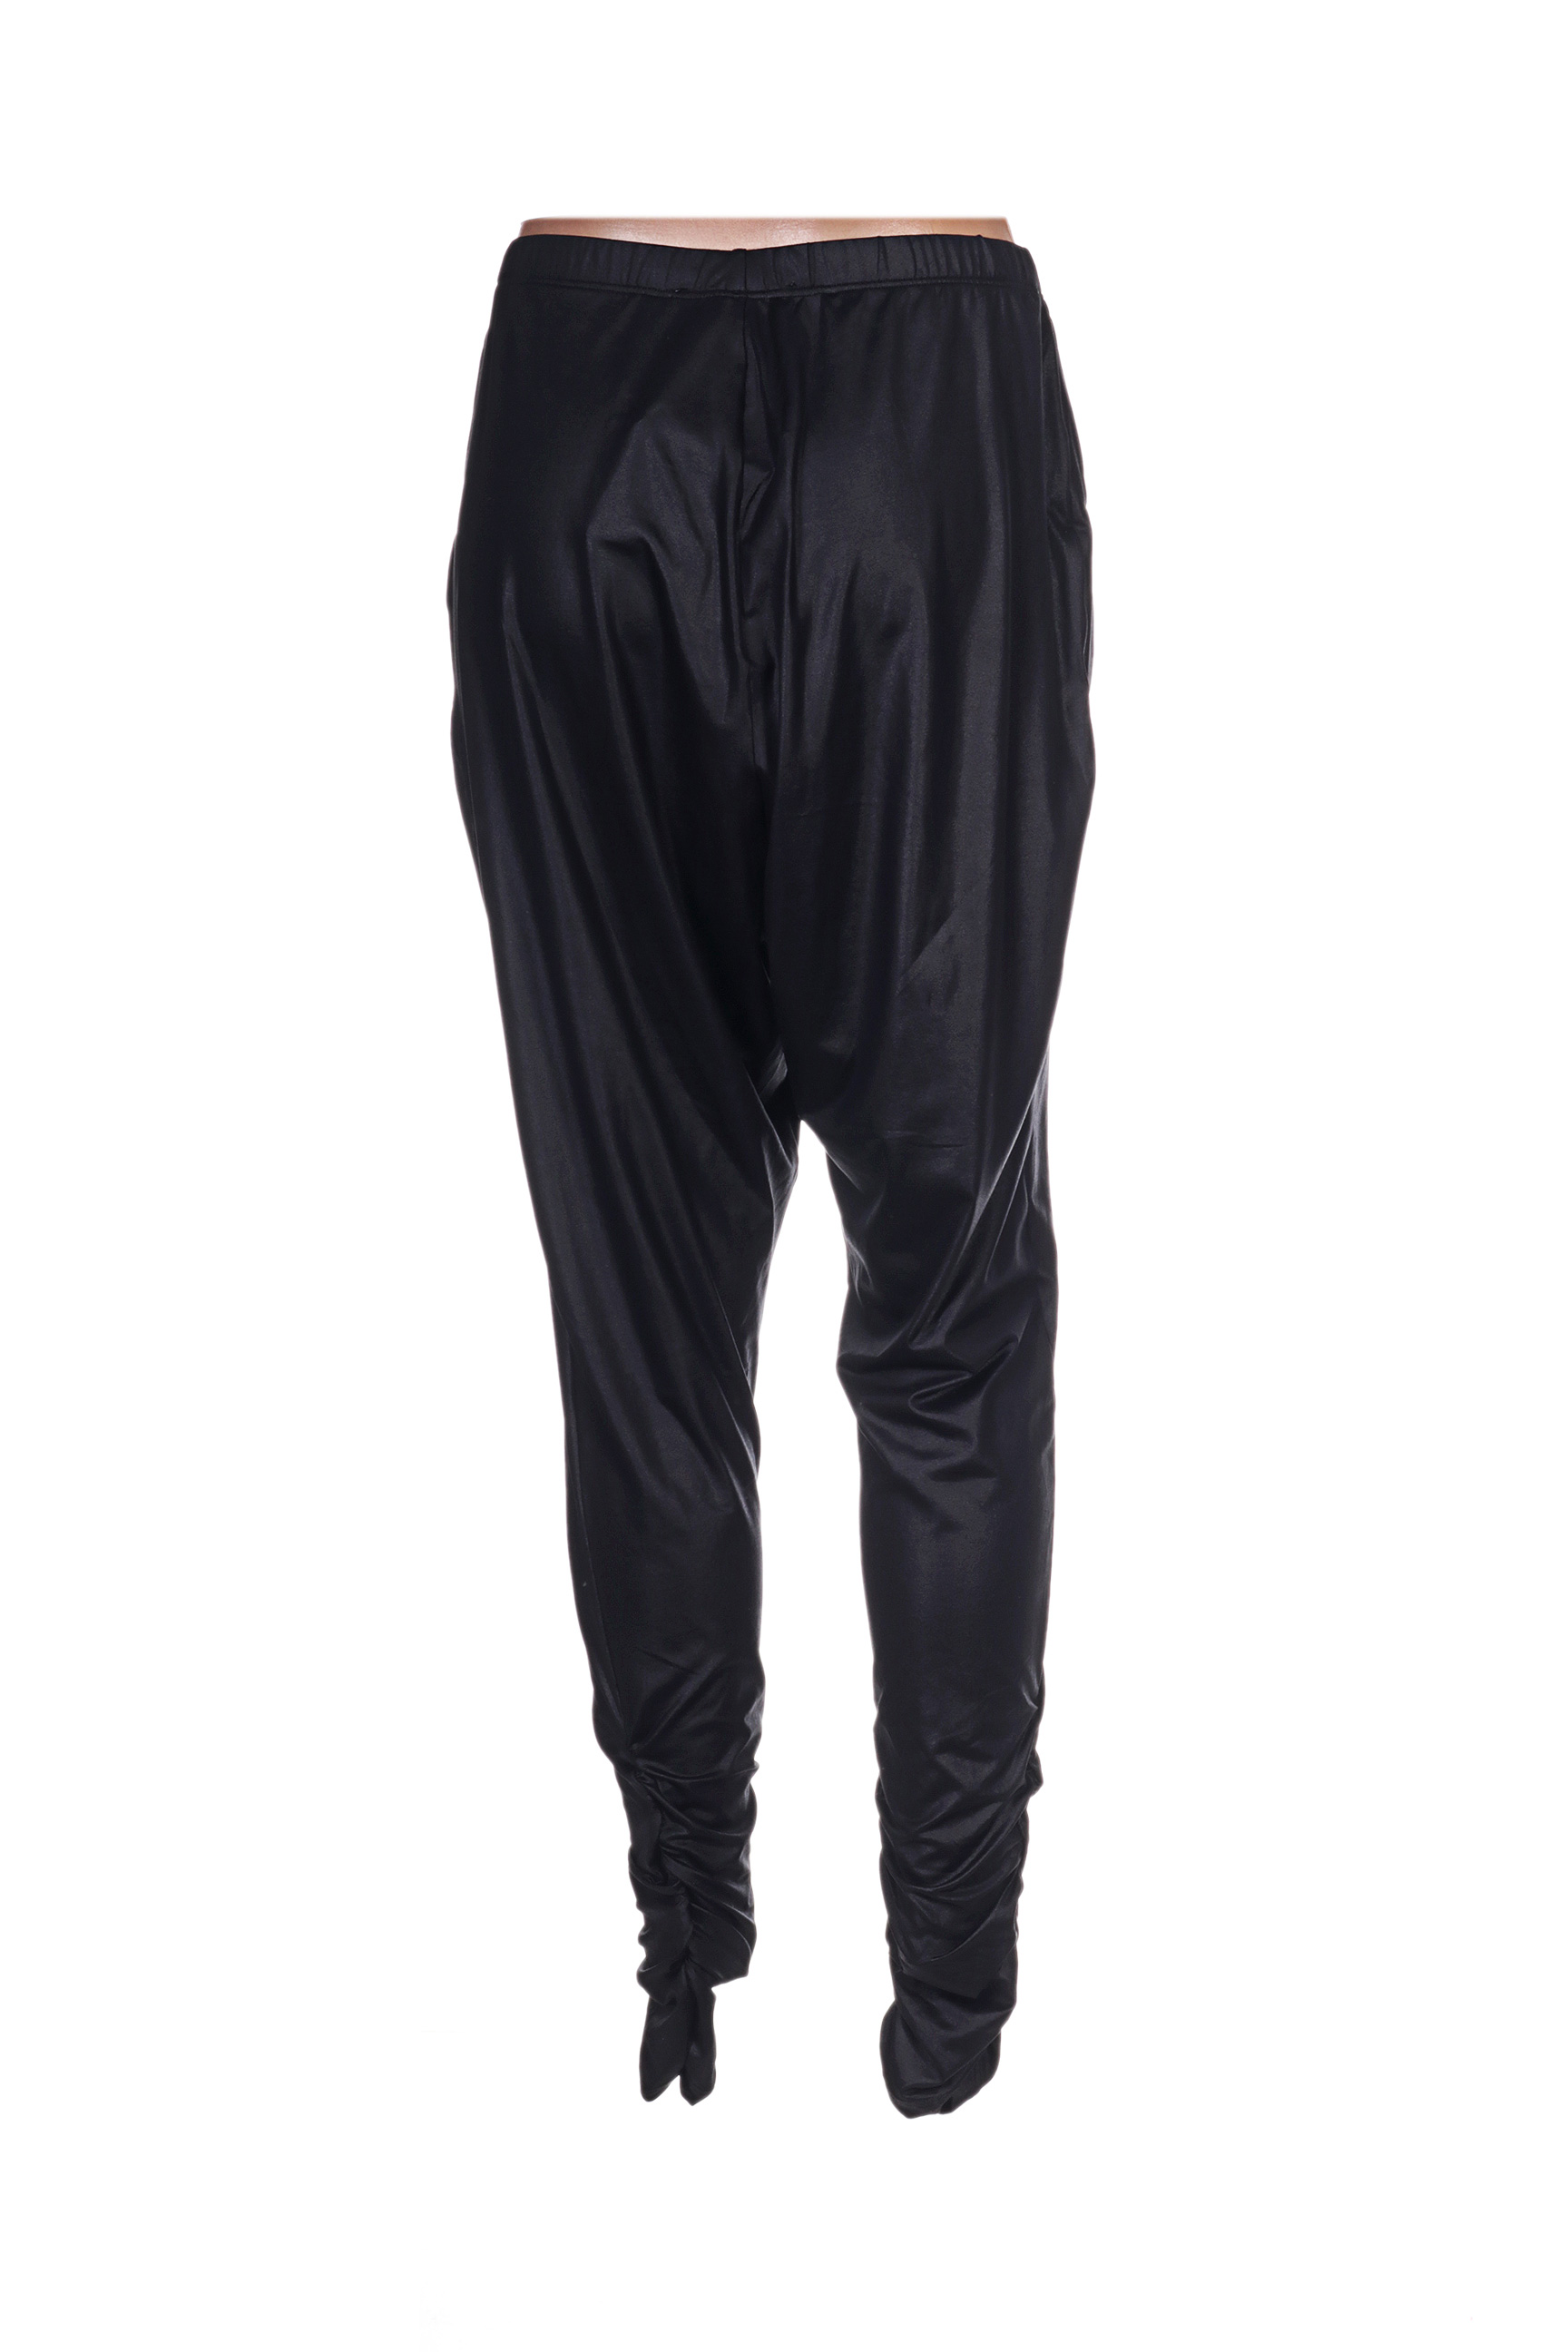 Nu Pantalons Decontractes Femme De Couleur Noir En Soldes Pas Cher 1254837-noir00